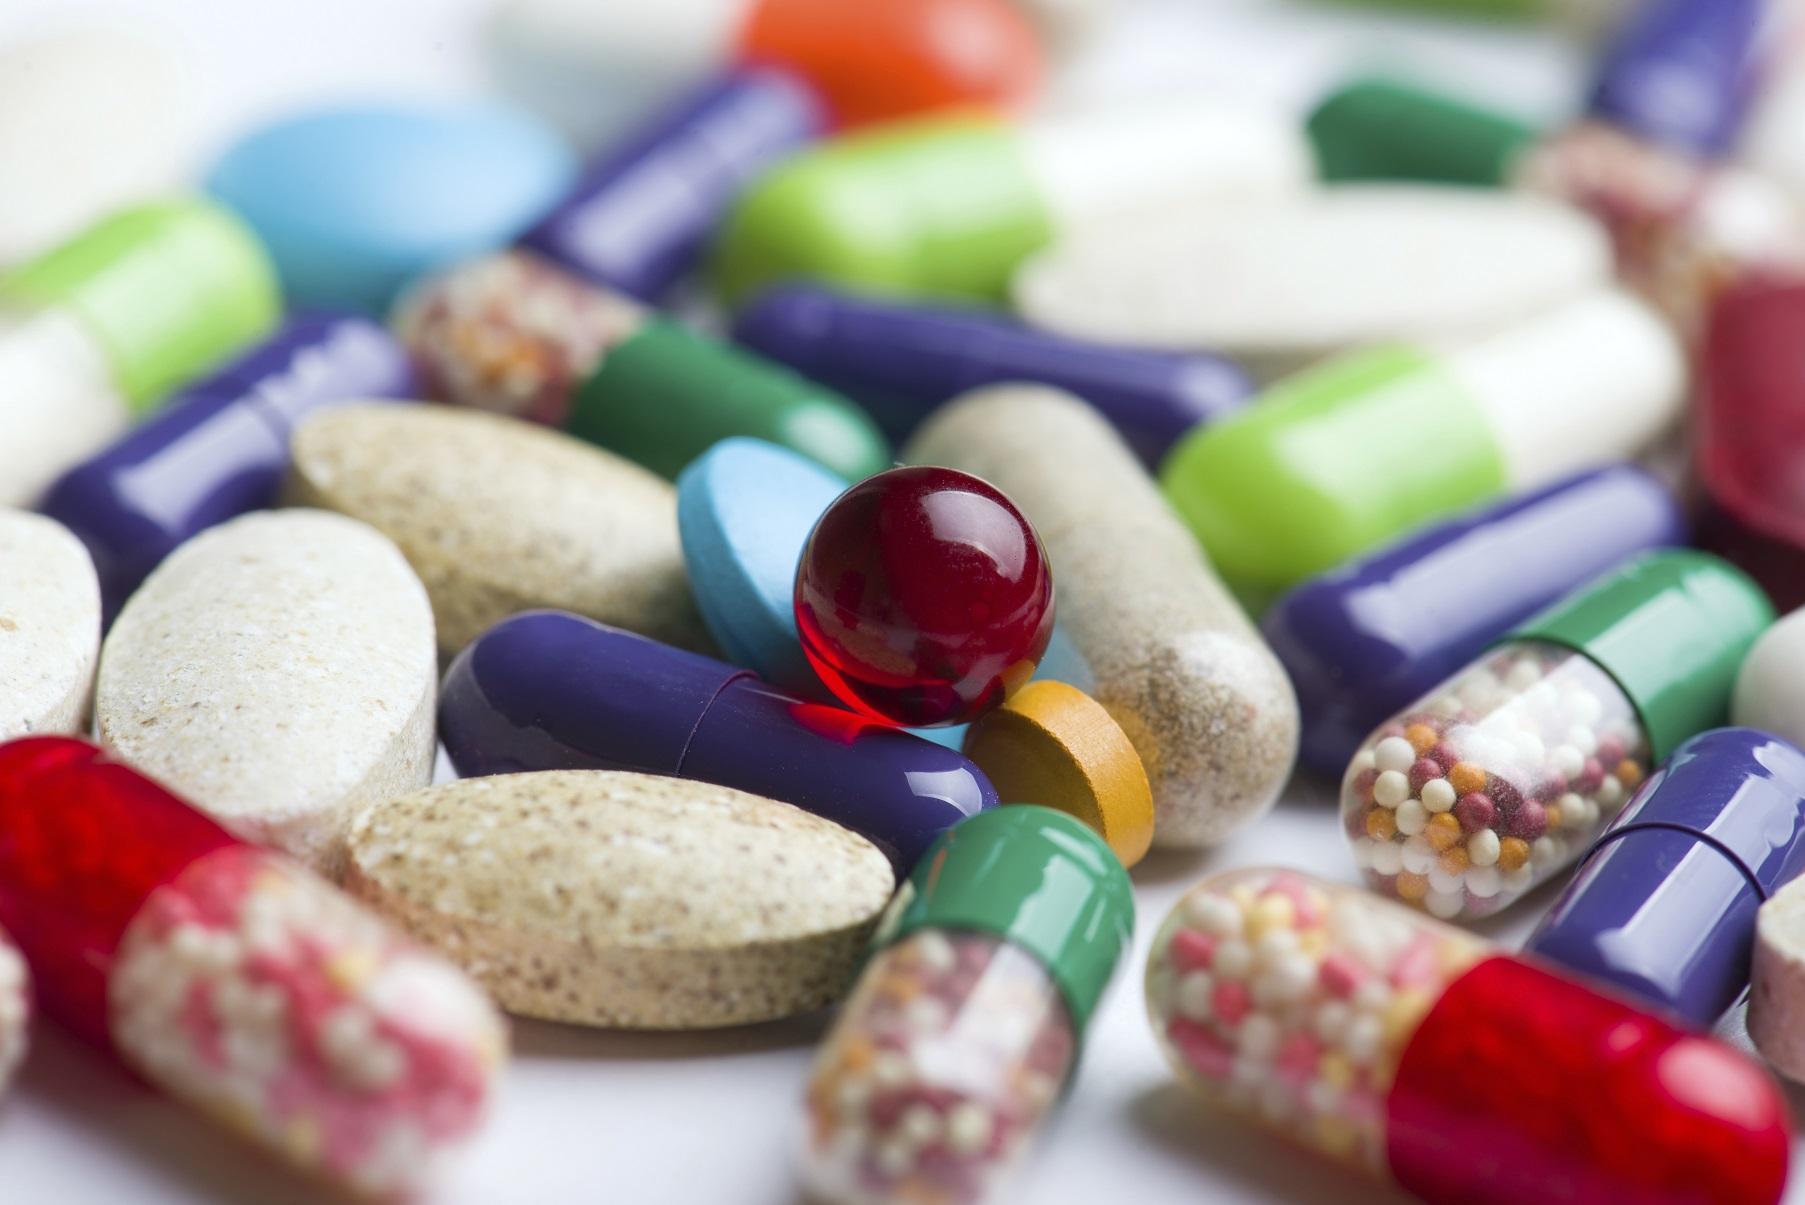 medicaments (2)